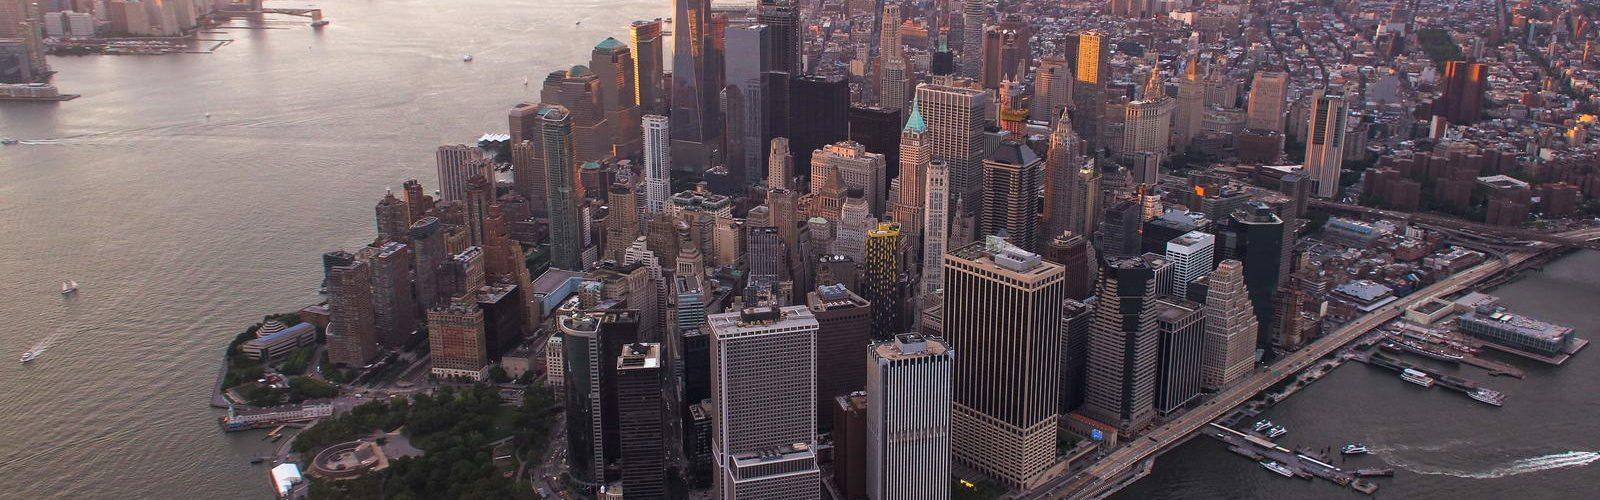 Trouver un logement new york conseils de jo lle larroche - Achat appartement new york ...